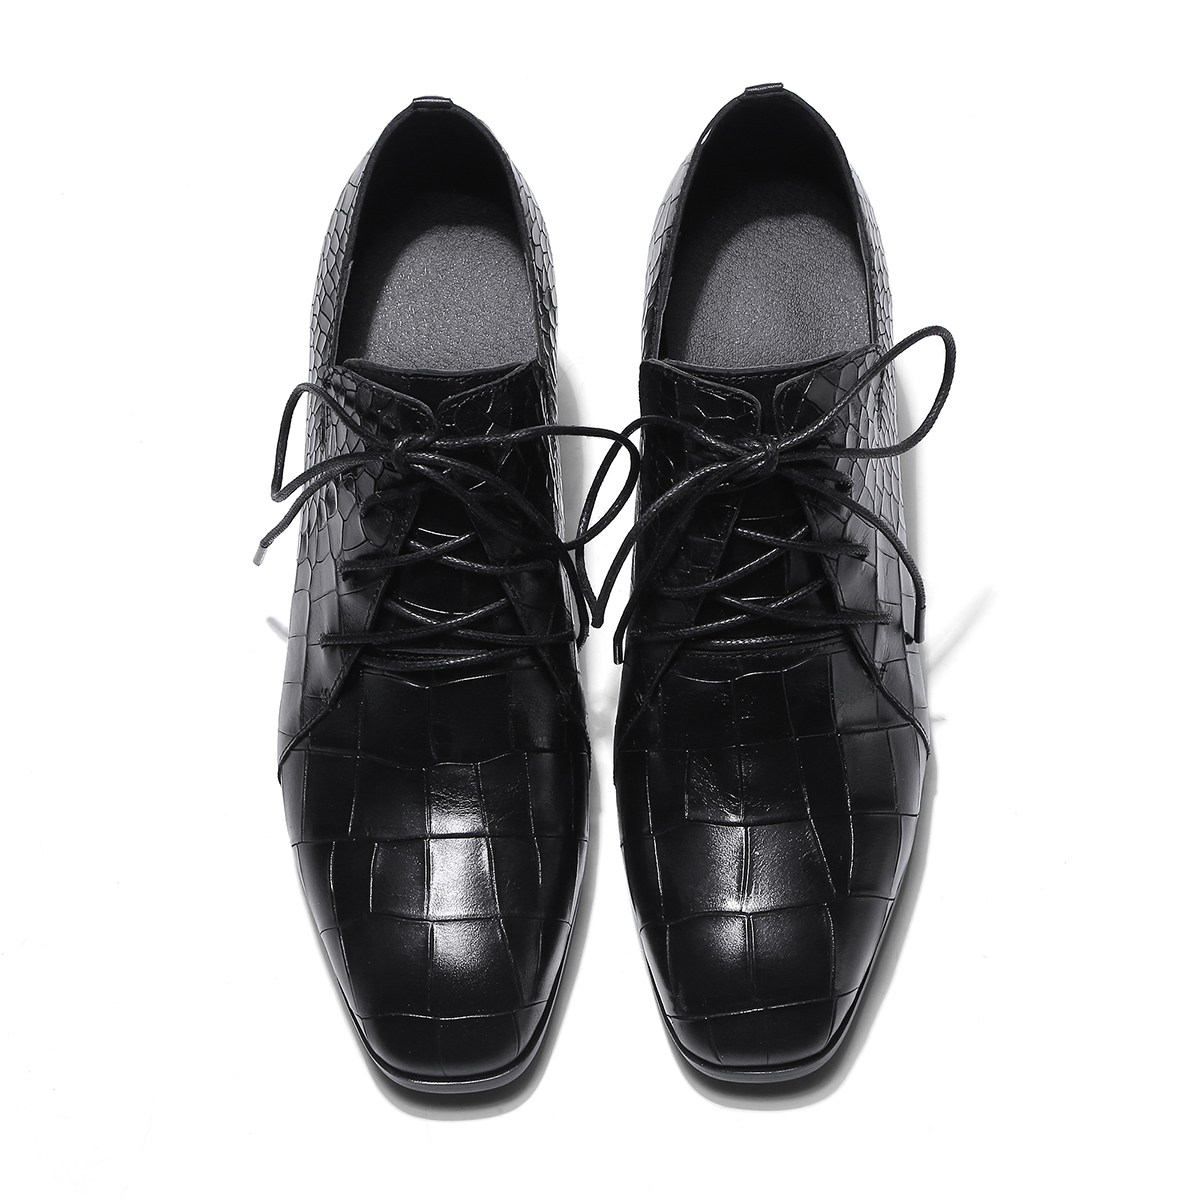 Tacón azul Negro Medio La Con El Cuero Mujeres Bombas Las Zapatos Boda Primavera 2019 Tacones Sales Genuino De Tobillo Mujer HqWS66